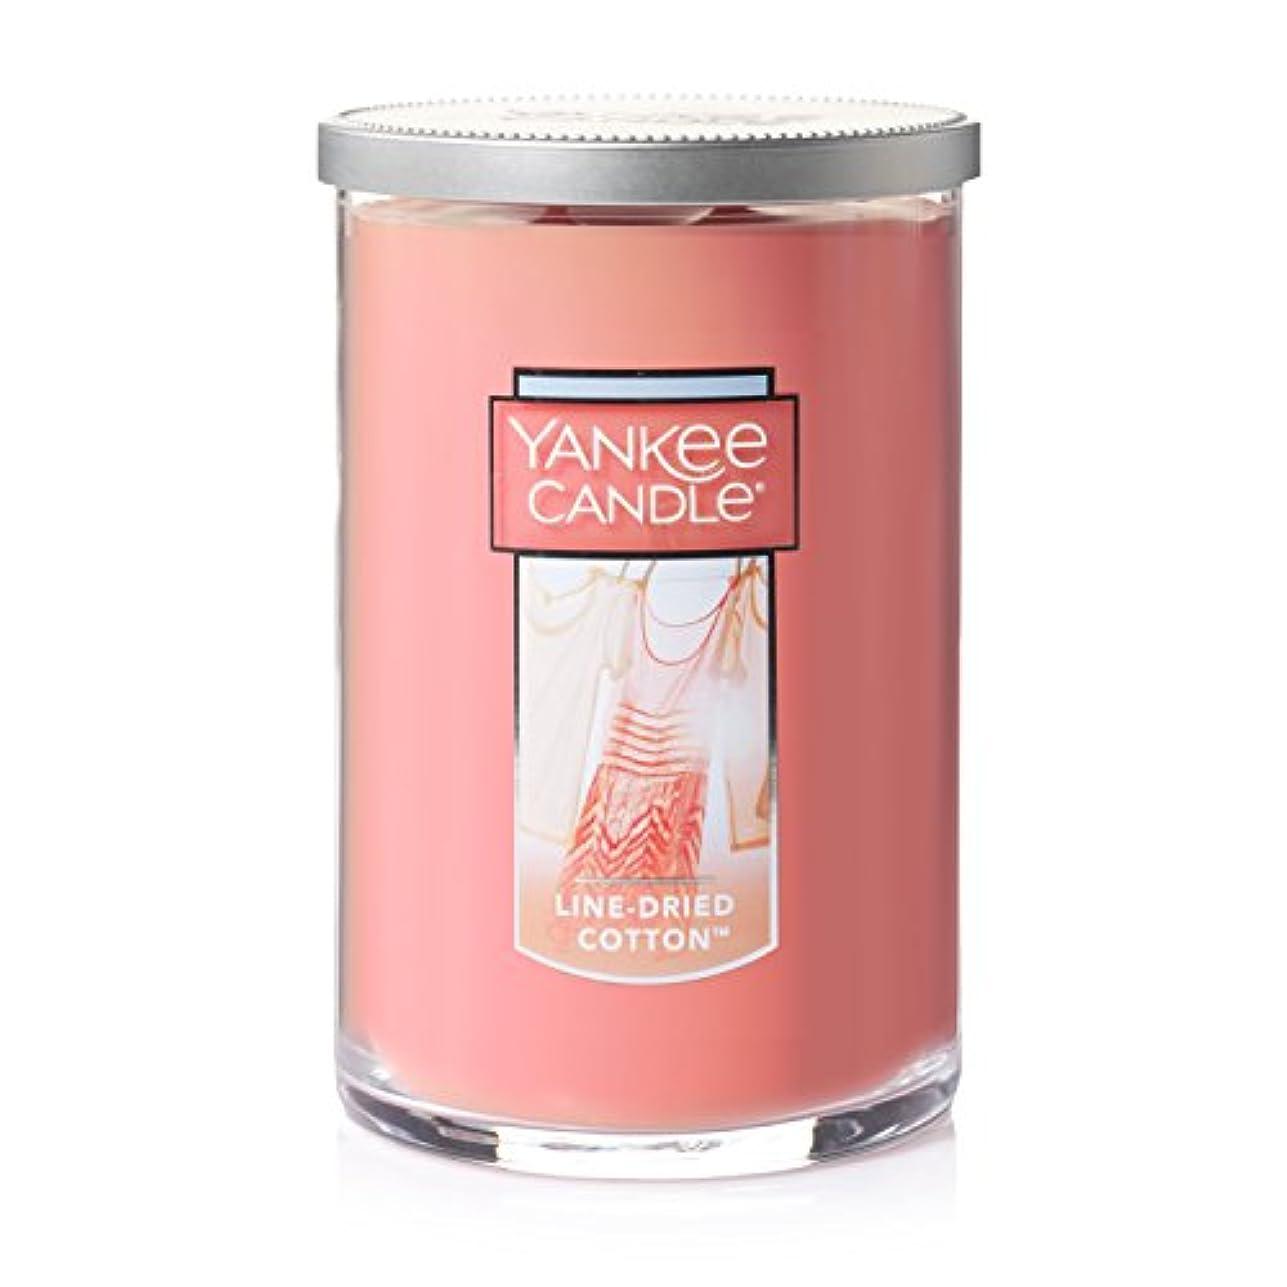 砦崇拝します草Yankee Candle Jar Candle、line-driedコットン Large 2-Wick Tumbler Candle ピンク 1351643